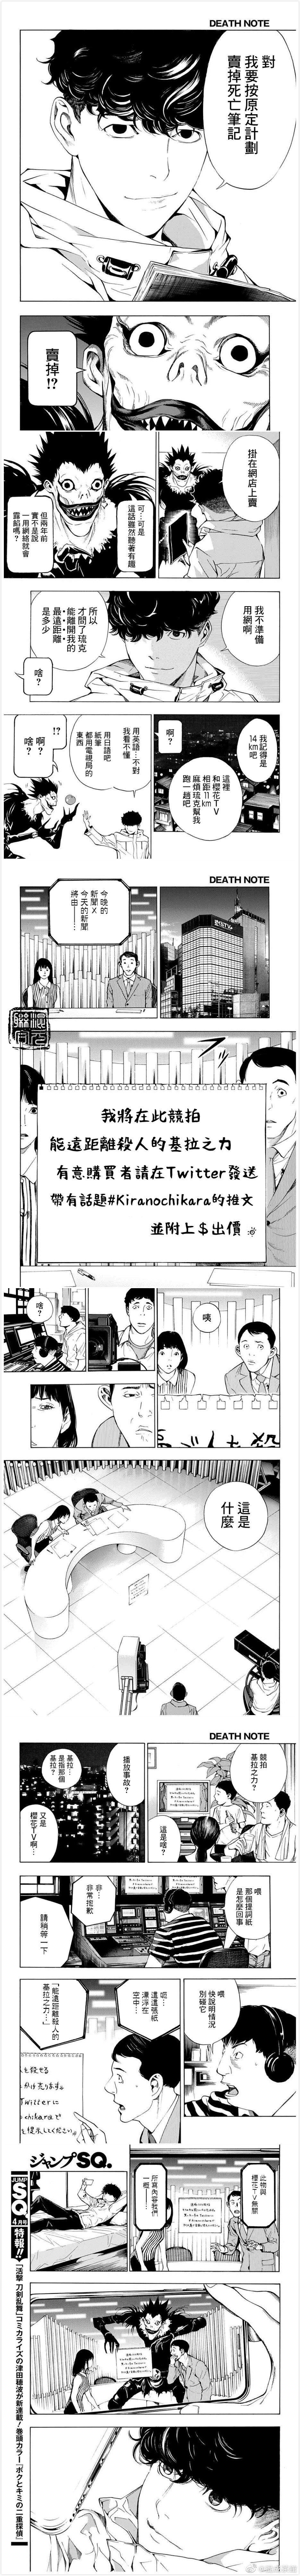 大场鸫x小畑健「DEATH NOTE」全新短篇 DEATH NOTE ACG资讯 第8张